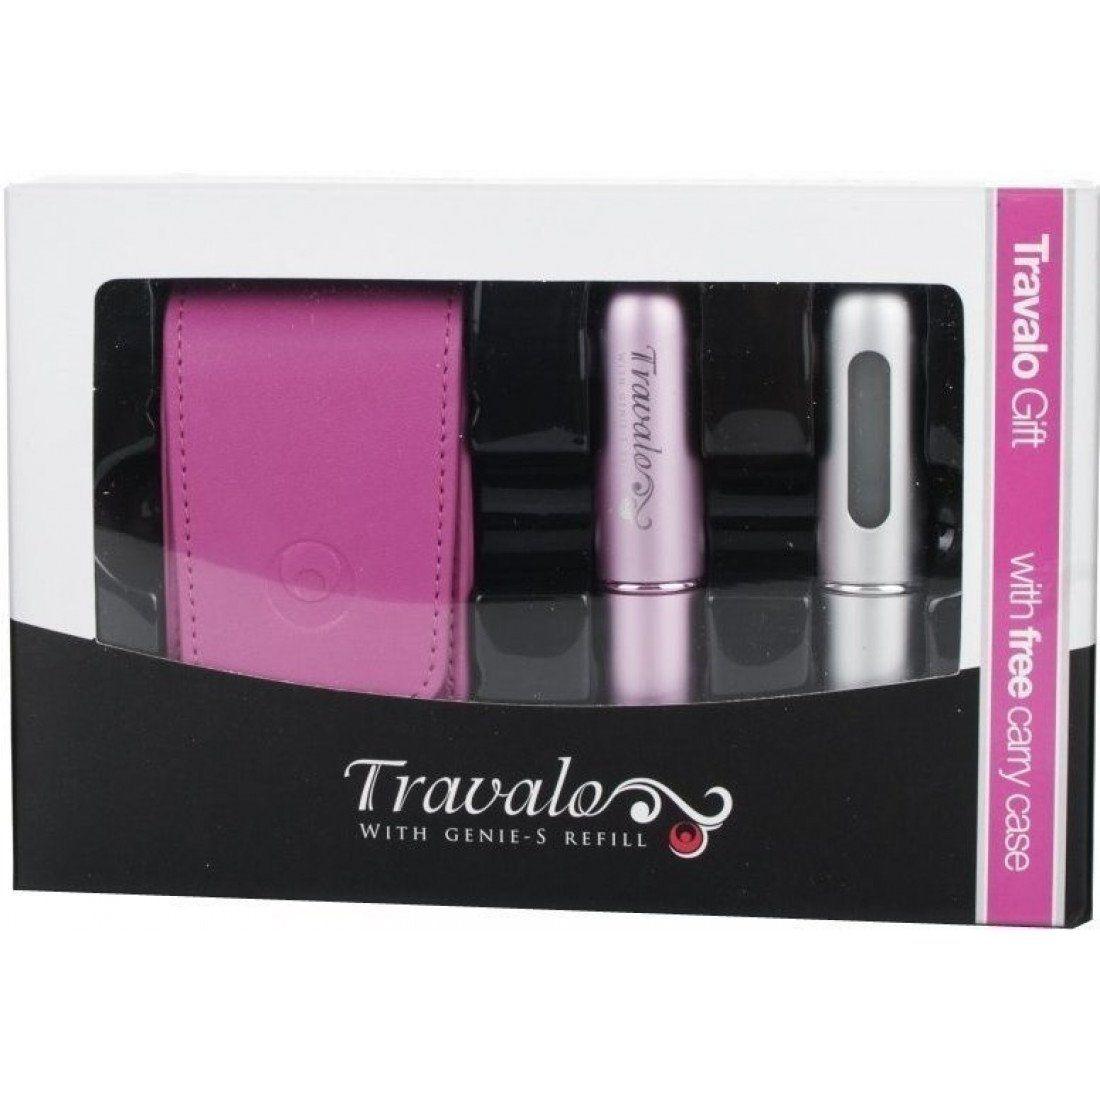 Travalo Refillable Perfume Spray Set